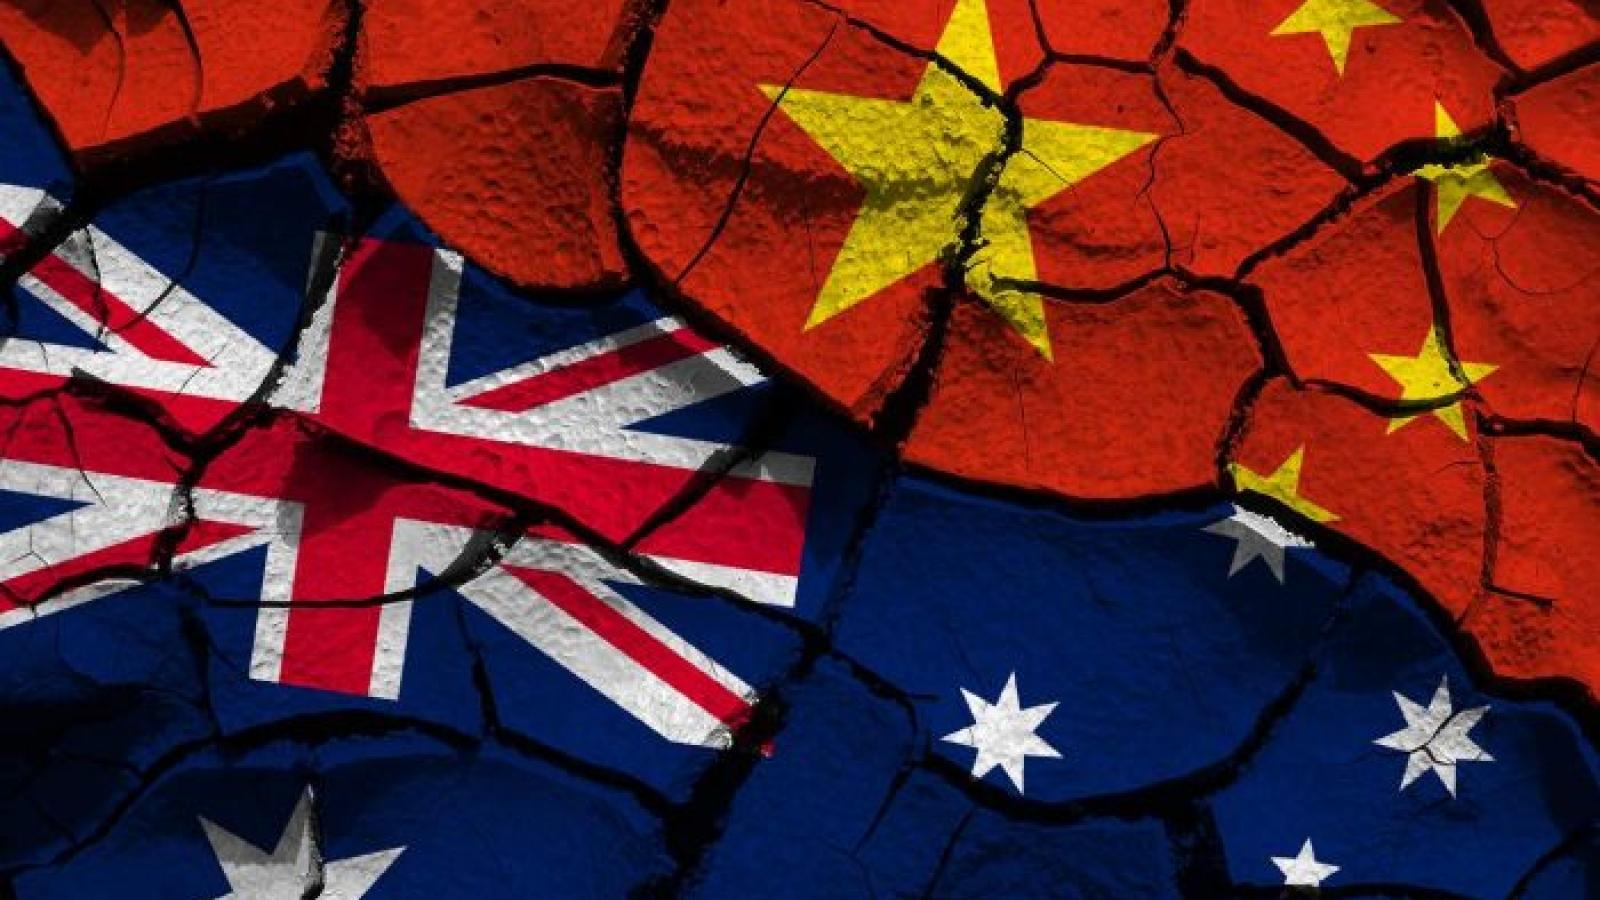 Thông điệp đằng sau quyết định kiện Trung Quốc lên WTO của Australia